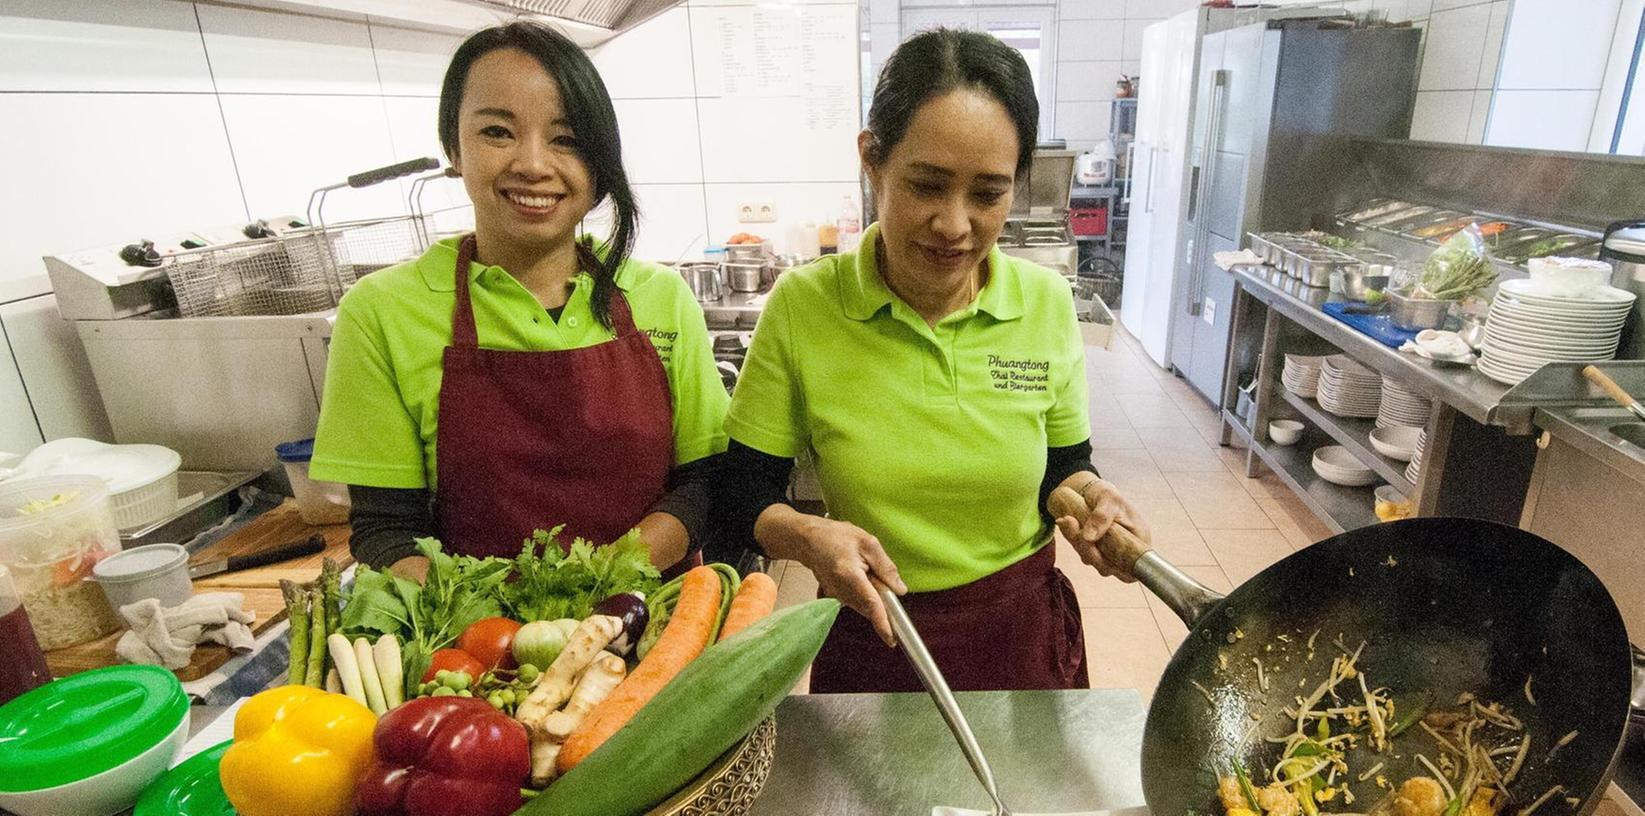 Bevor Phuangtong Zimmermann (rechts) und Suphawadee Müller (links) den Wok anheizen, muss viel frisches Gemüse klein geschnitten werden.